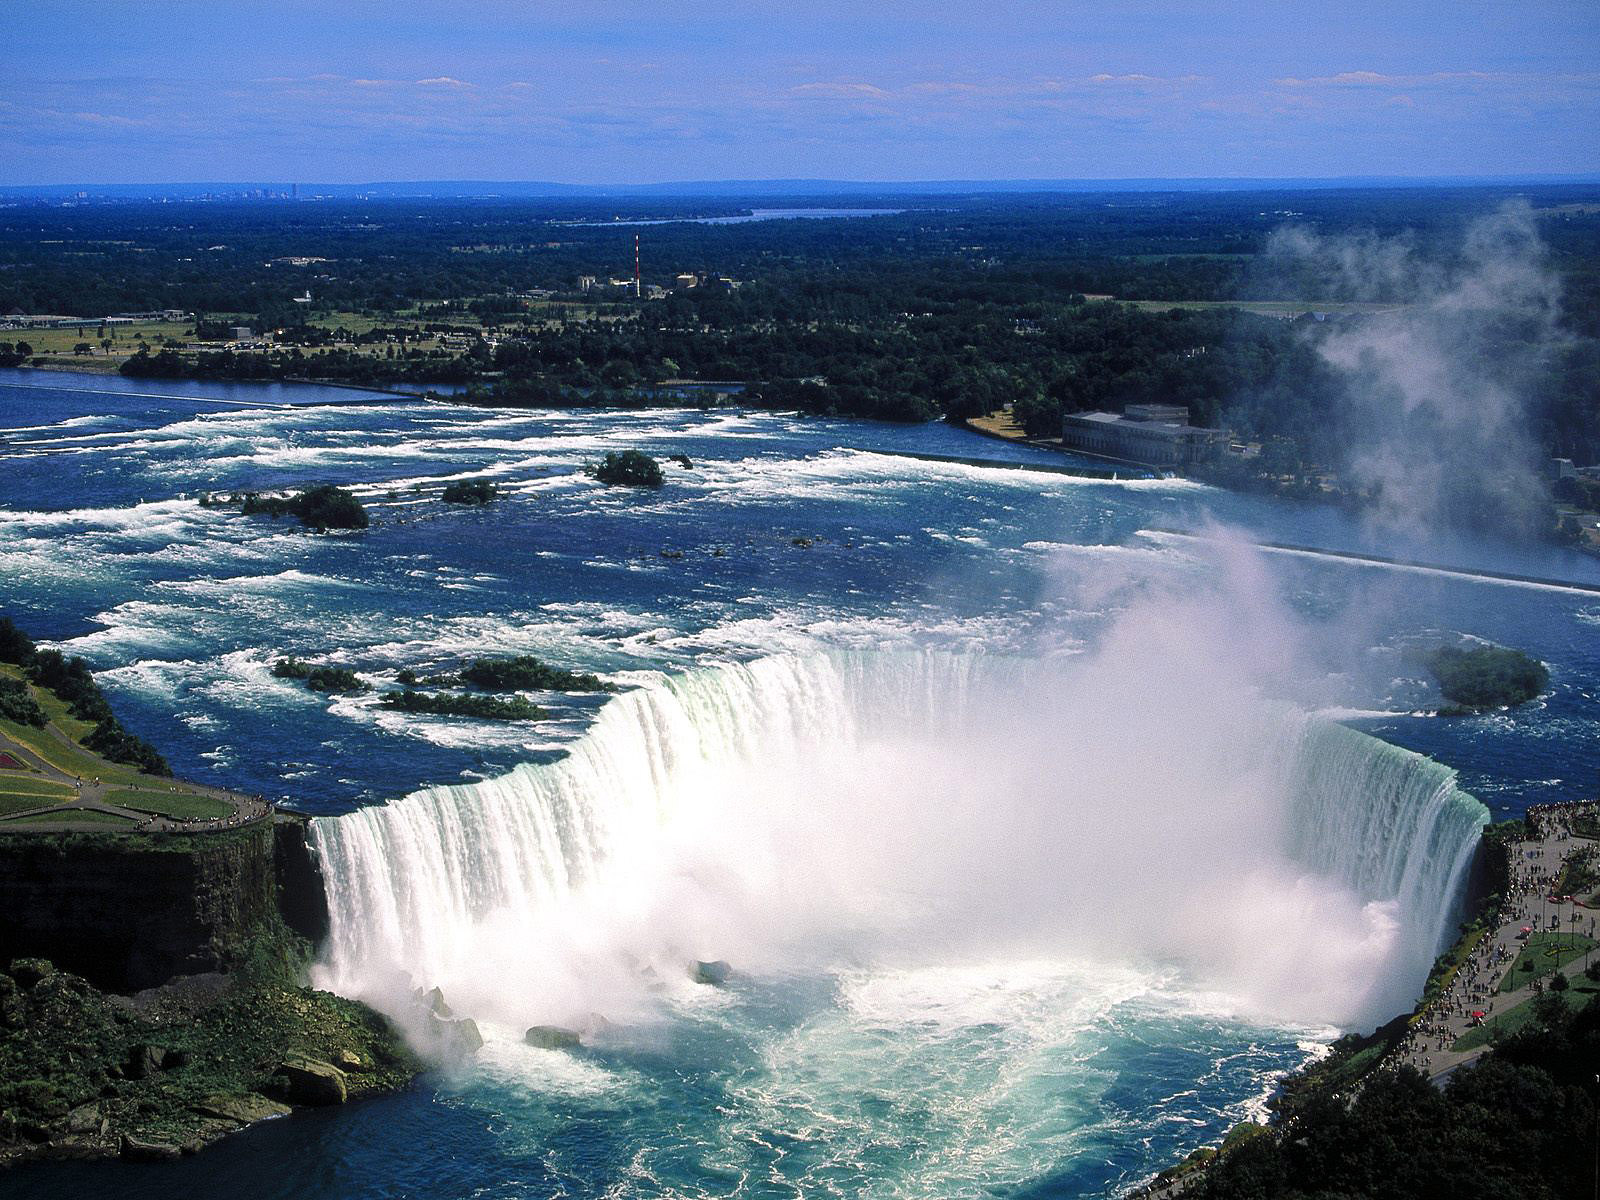 foto van de niagara watervallen in canada van bovenaf wallpaper 1600x1200